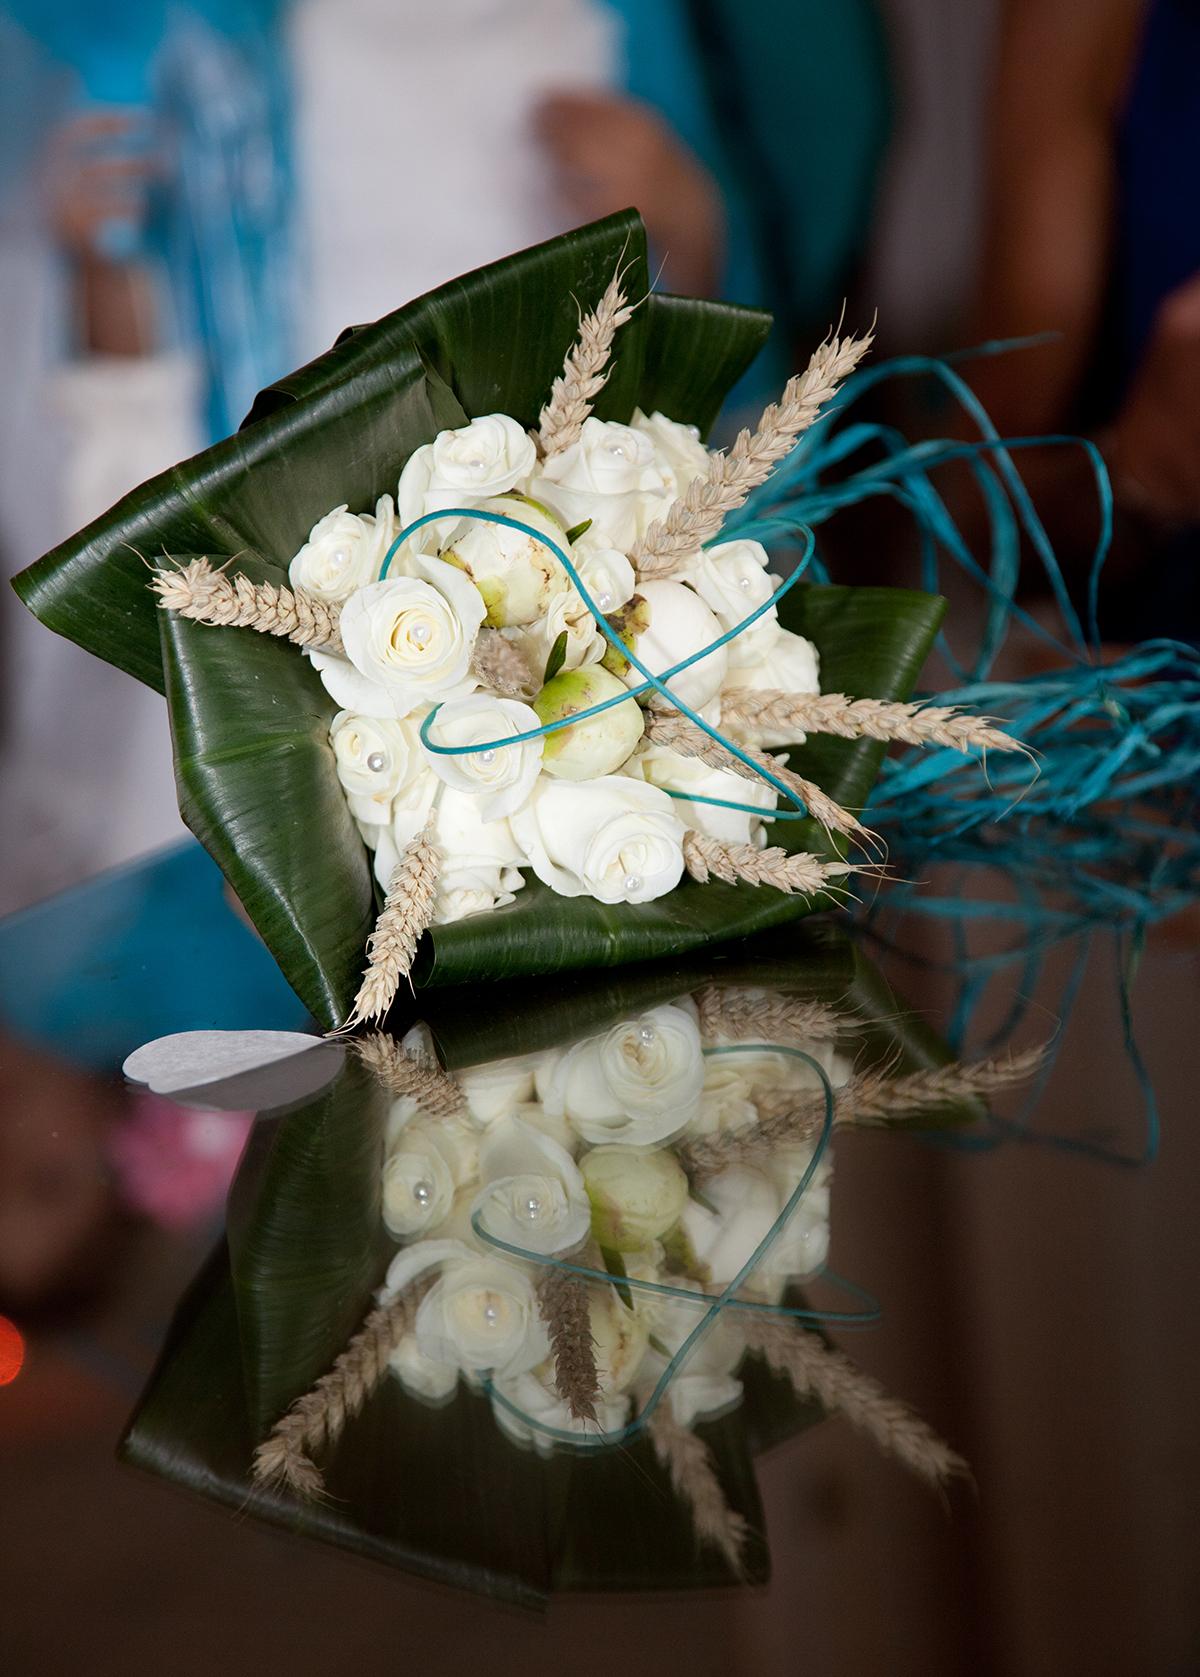 Déco bouquet de la mariée avec détail bleu turquoise